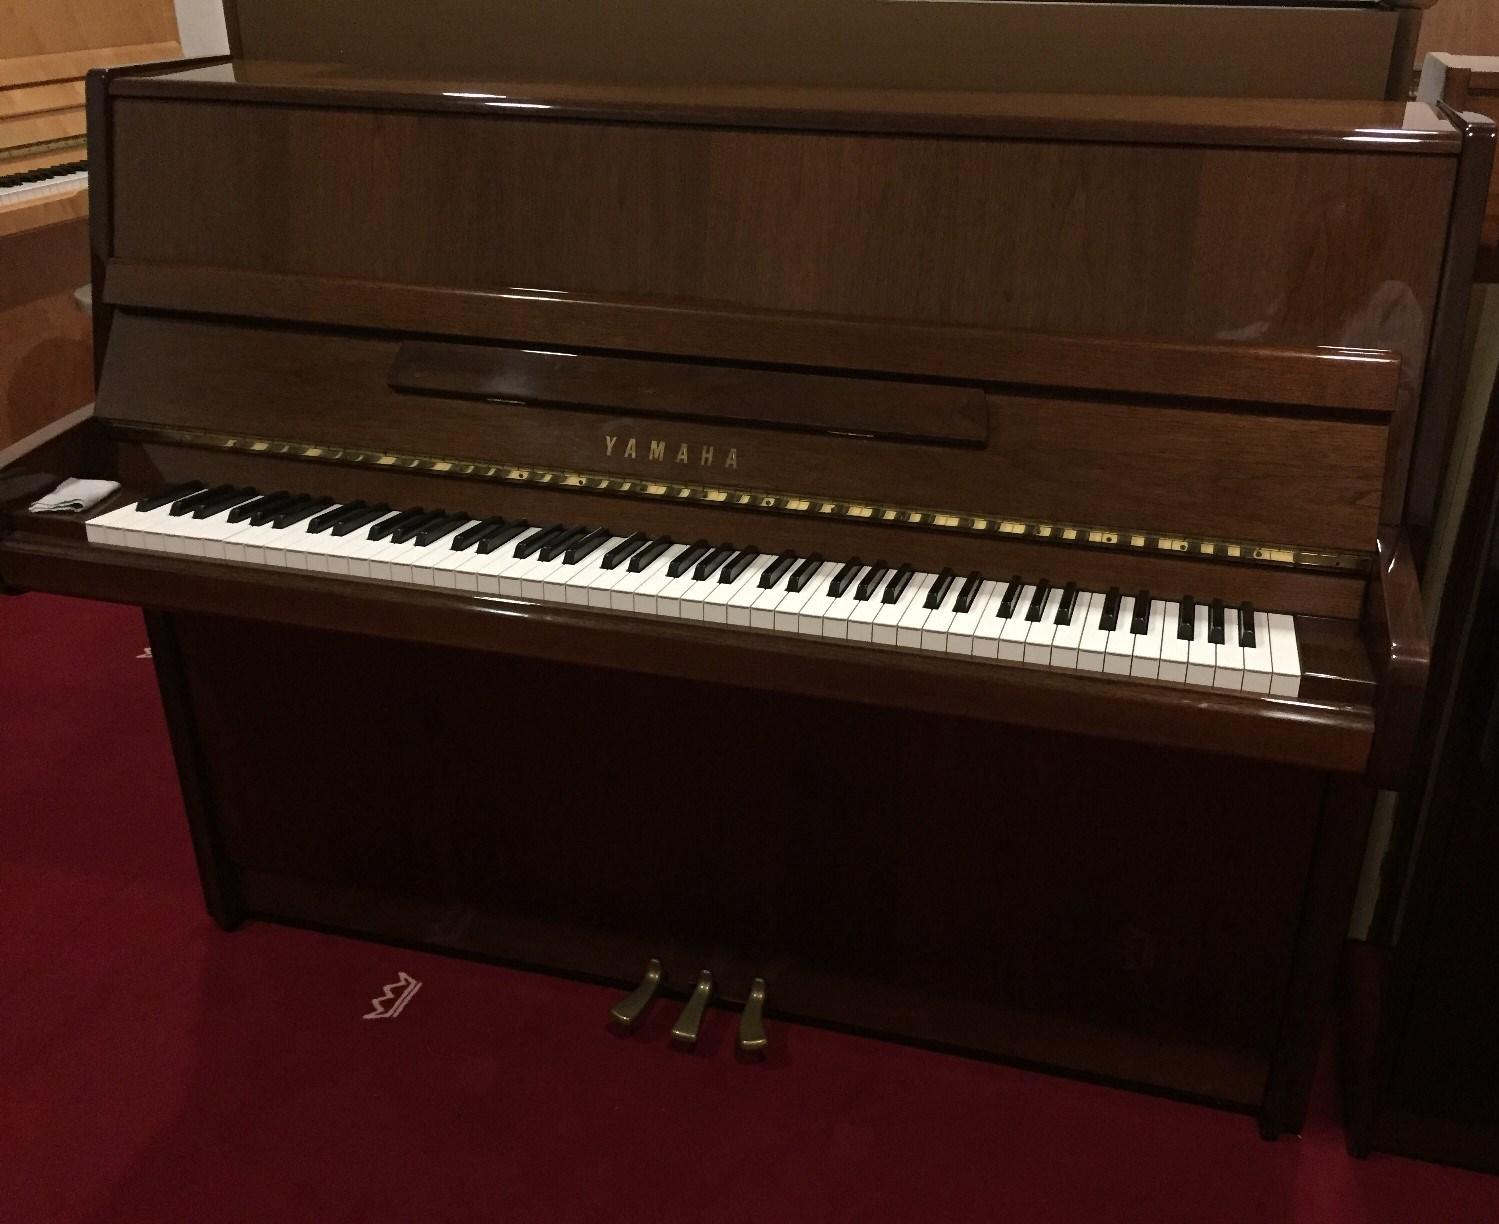 YAMAHA-Klavier<br/>Gebraucht<br/>P 116  Nussbaum poliert<br/>Neu eingetroffen. Derzeit in Arbeit